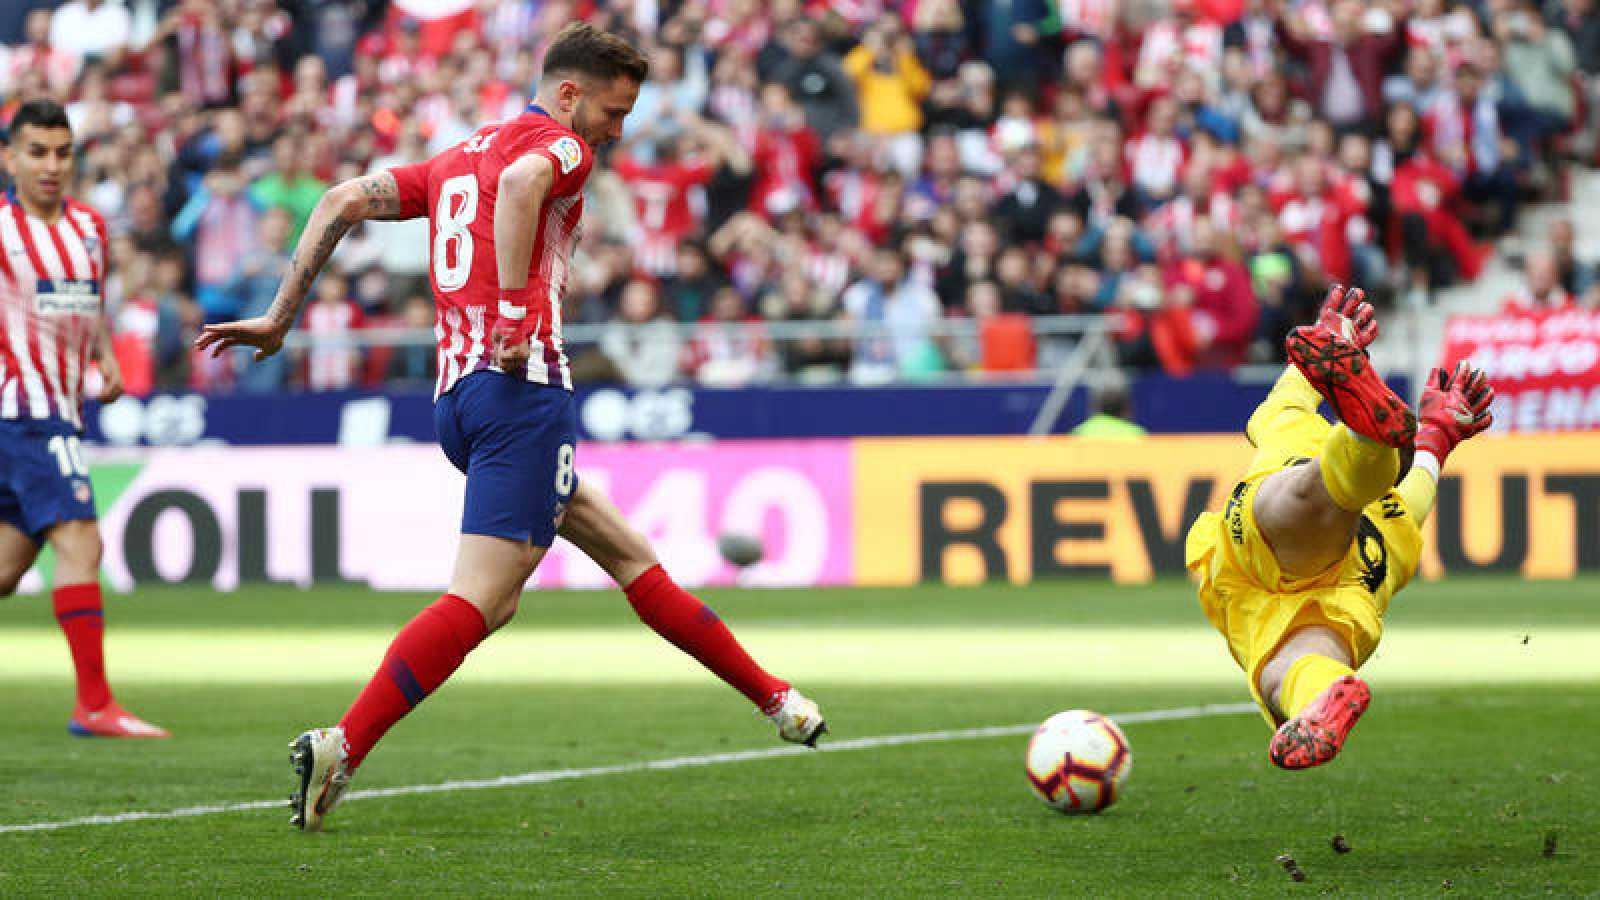 Saúl, en el momento de golpear el rechazo de su penalti fallado